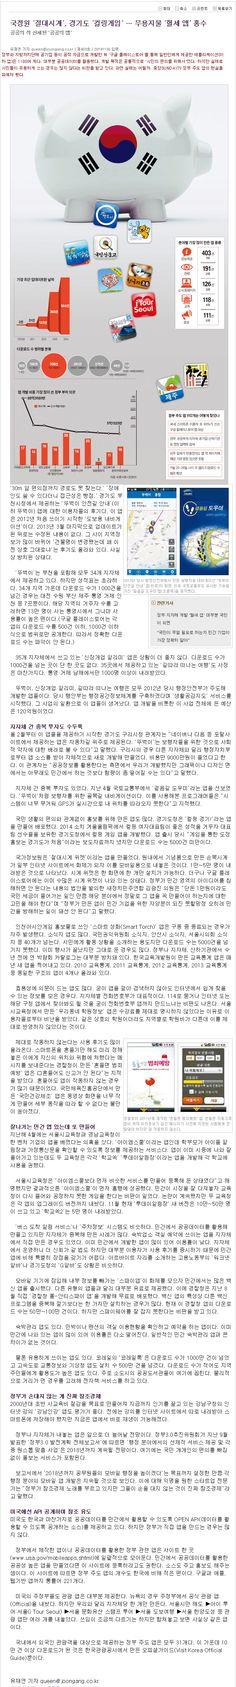 20141130 선데이중앙